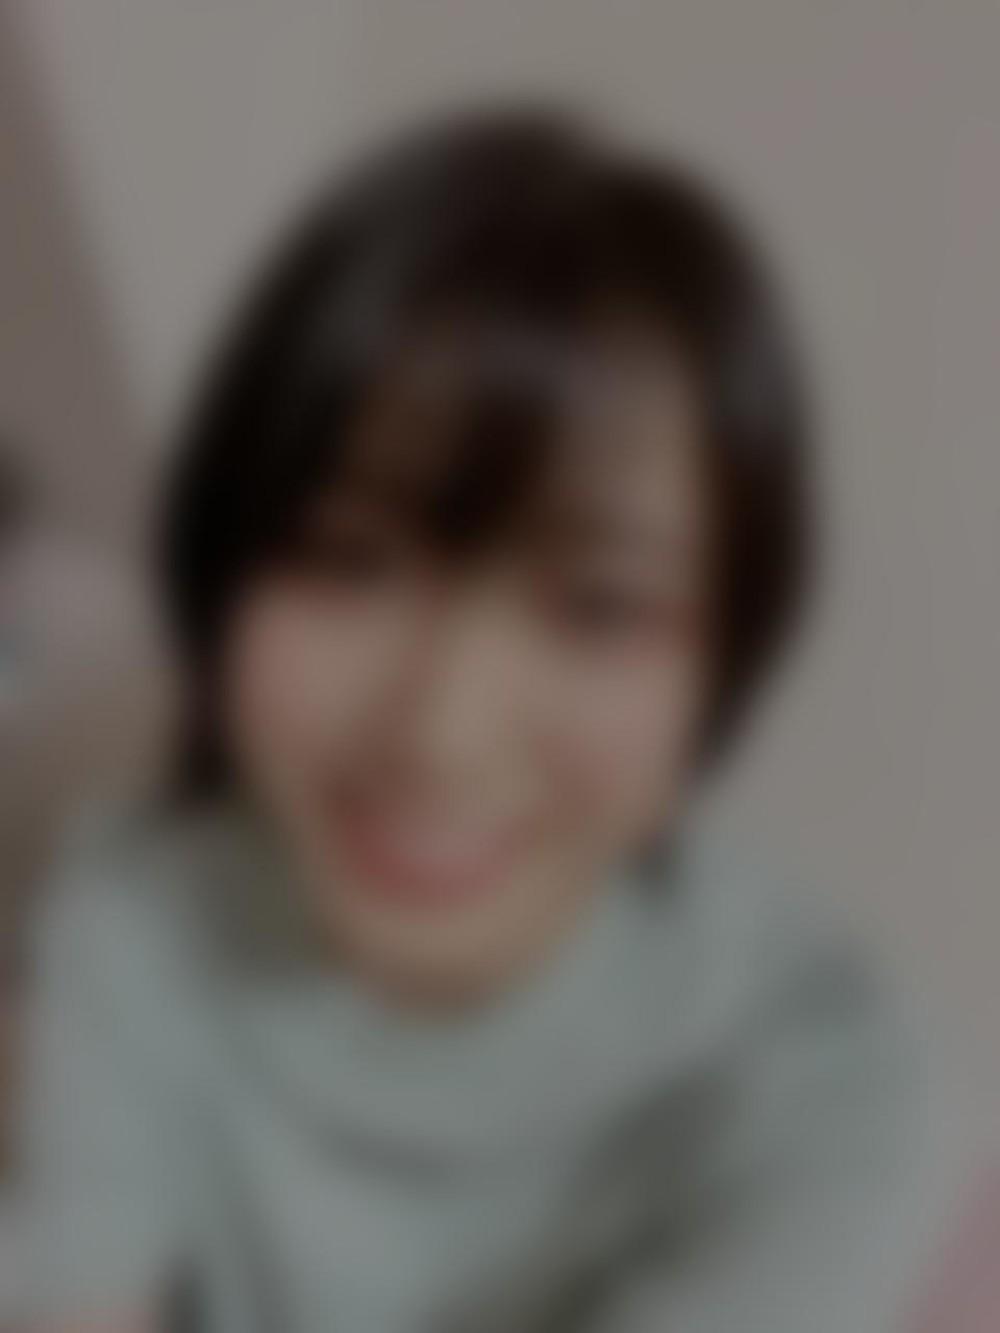 隈本茉莉奈(虹のコンキスタドール )